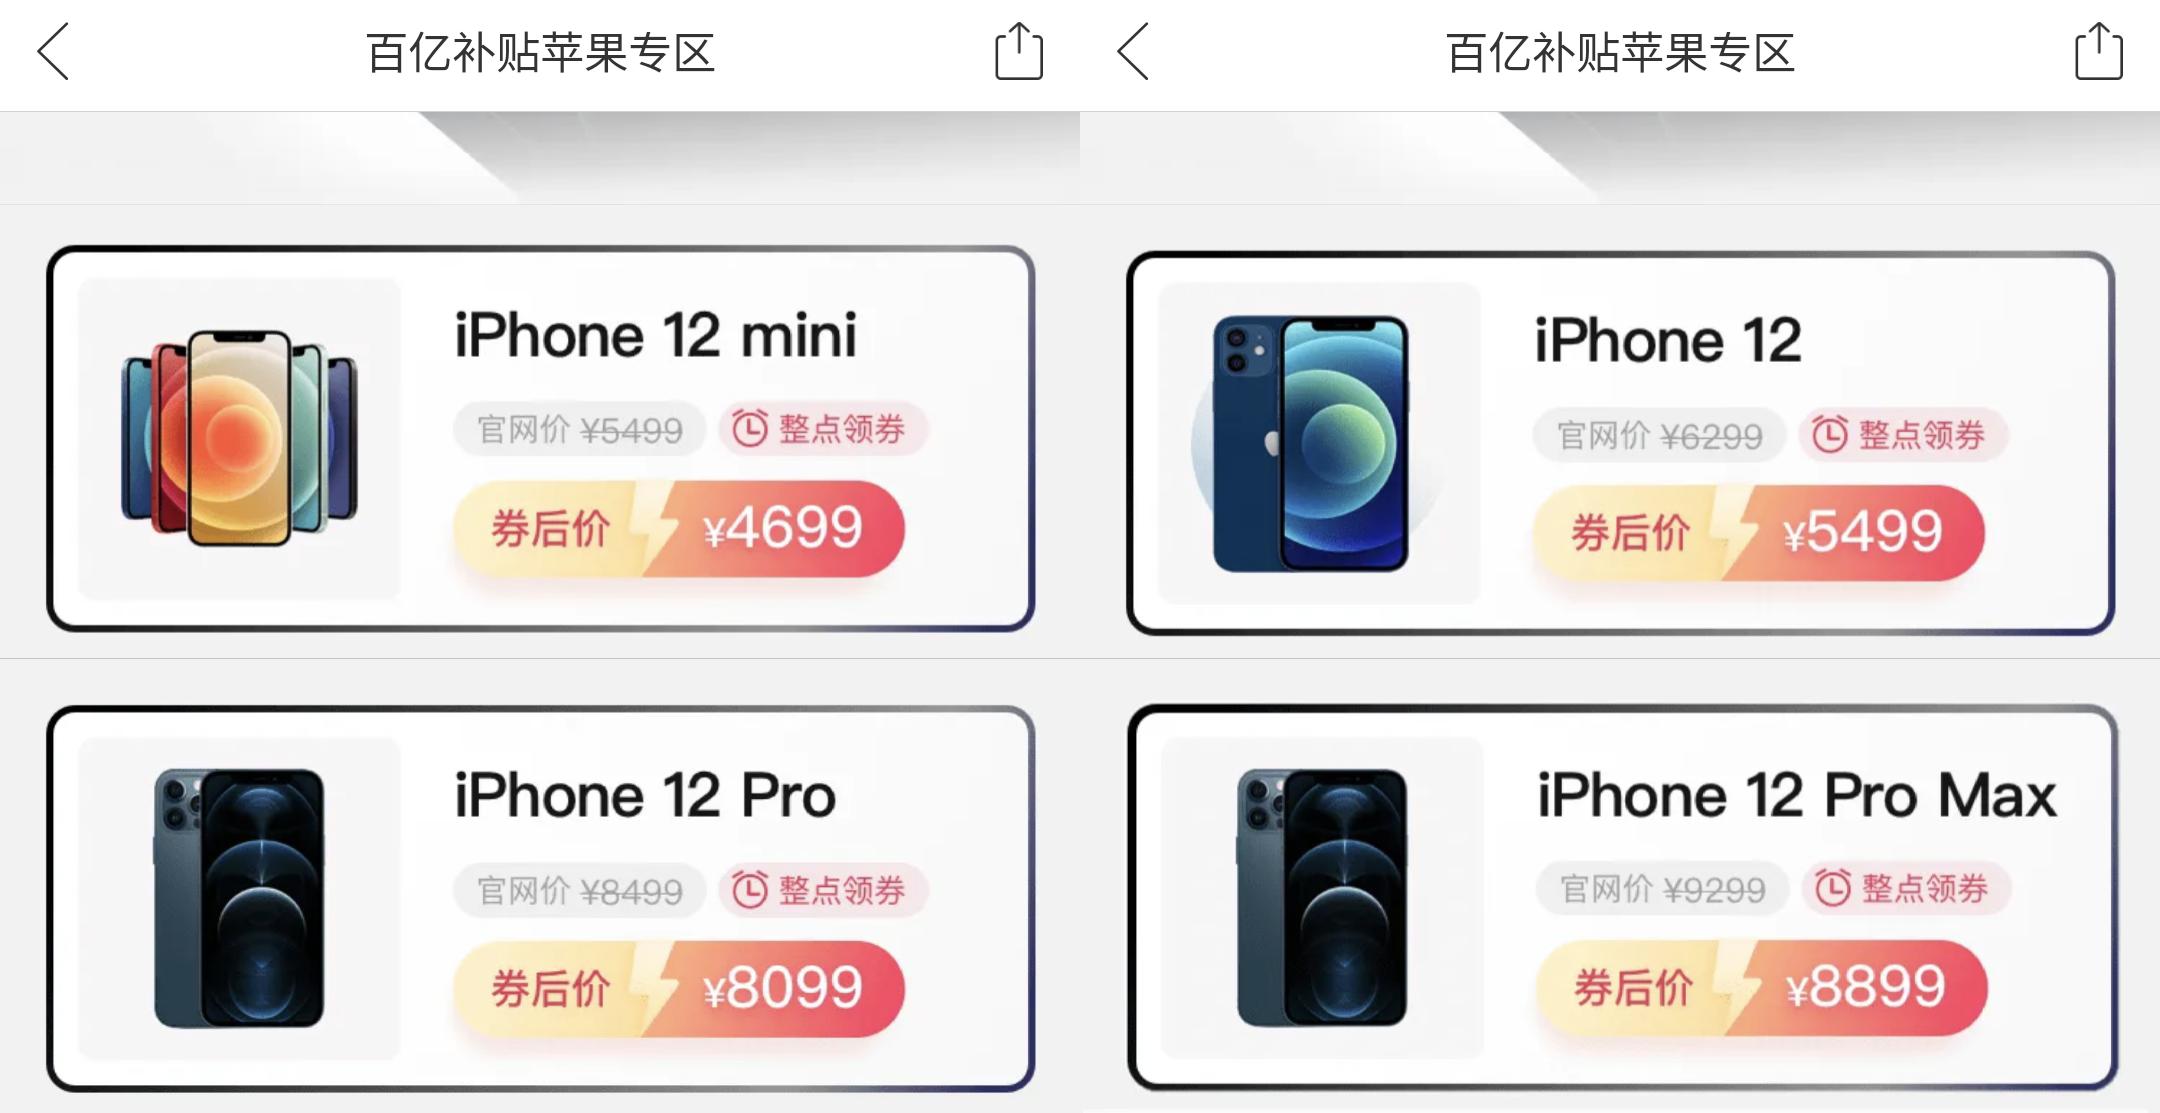 iPhone12之后,拼多多又将iPhone12Pro拉下水